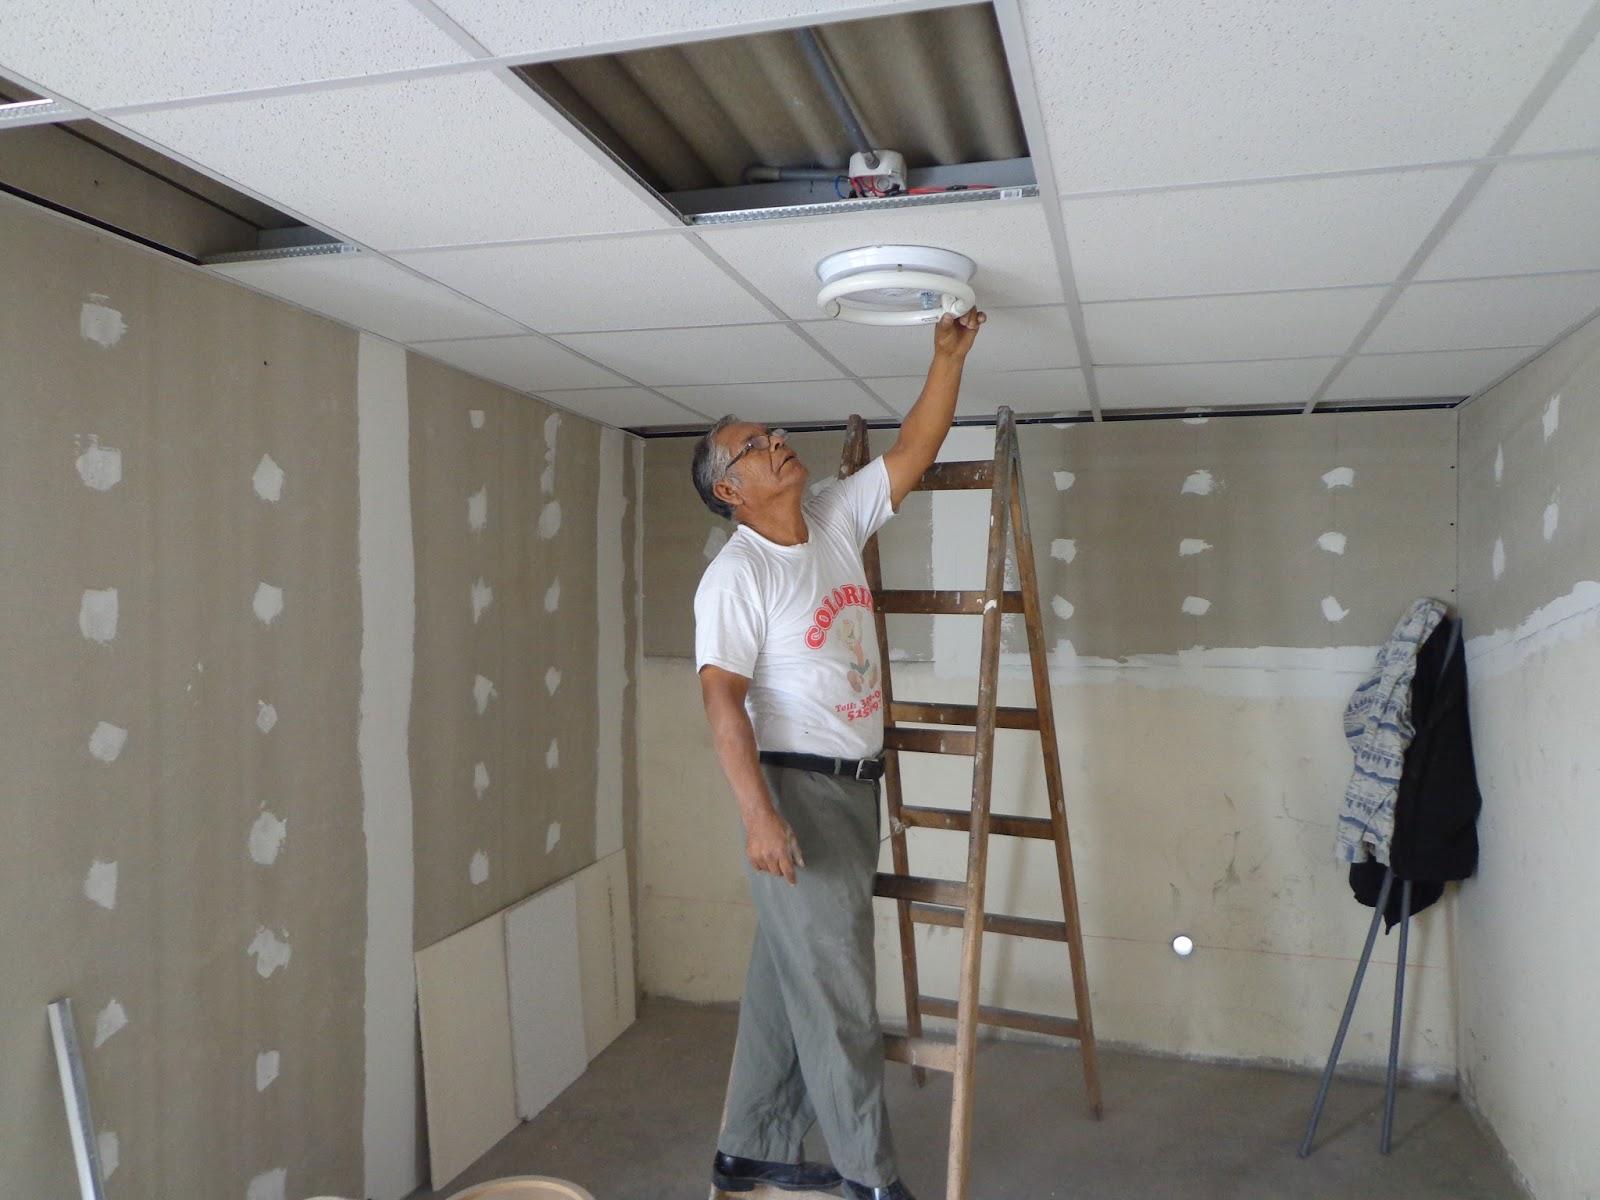 Drywall Estructuras Metálicas Electricidad Sanitarios Lima